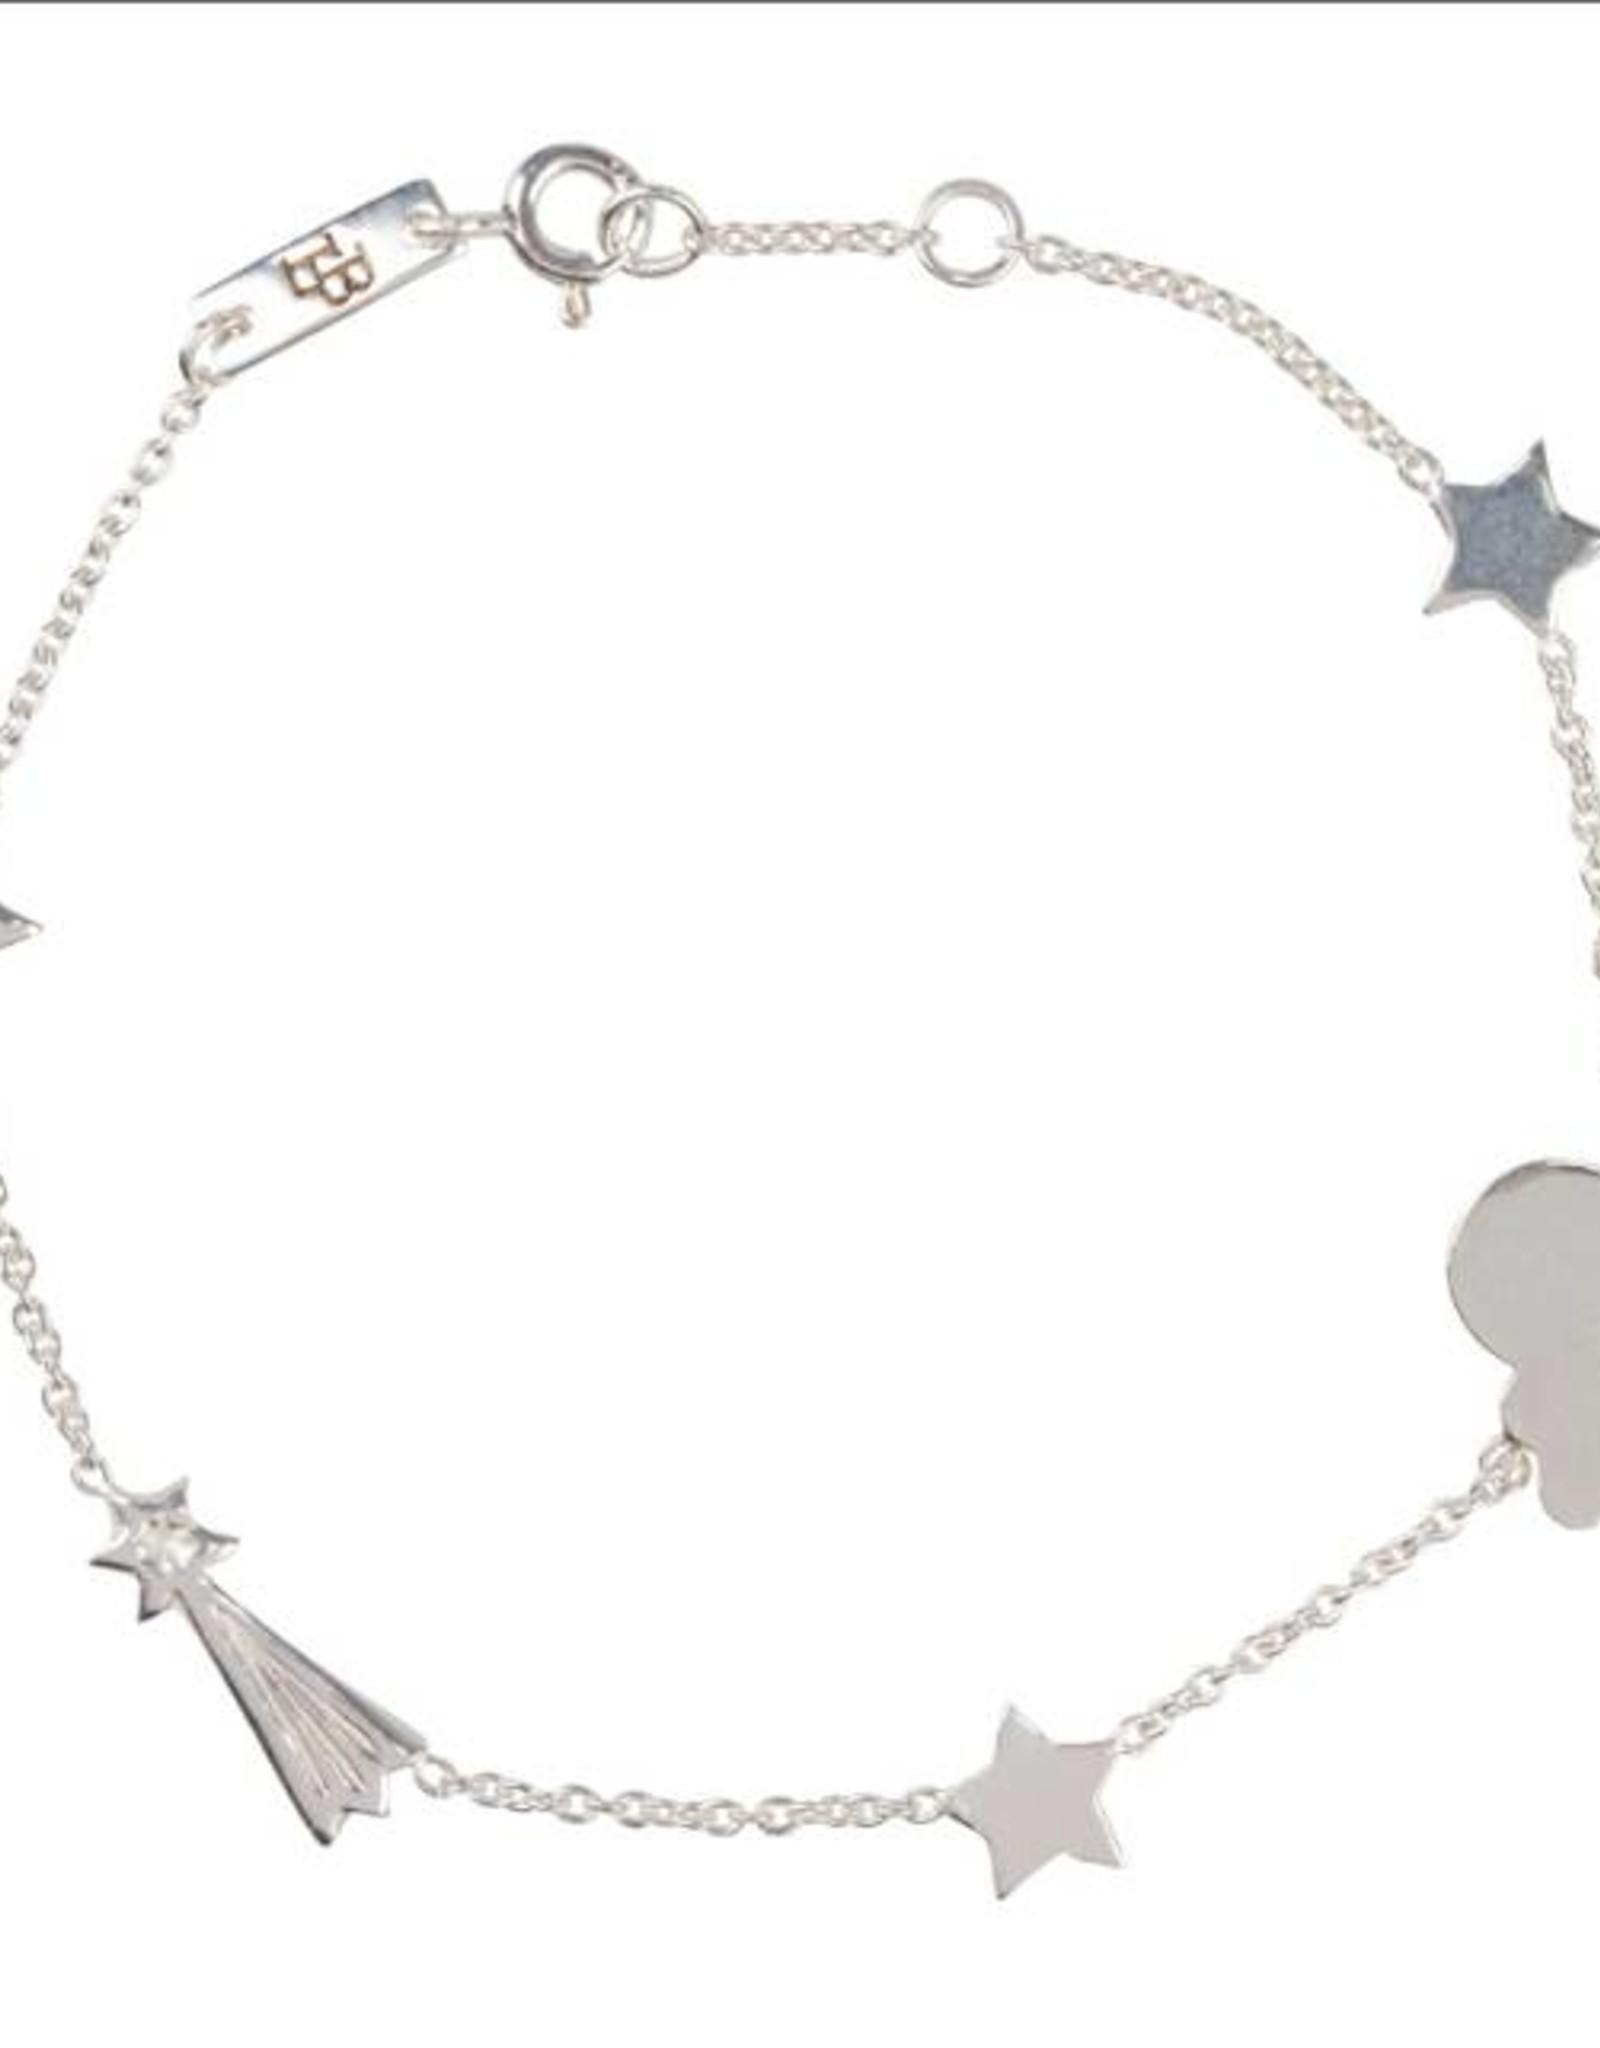 Lennebelle Stargazer bracelet